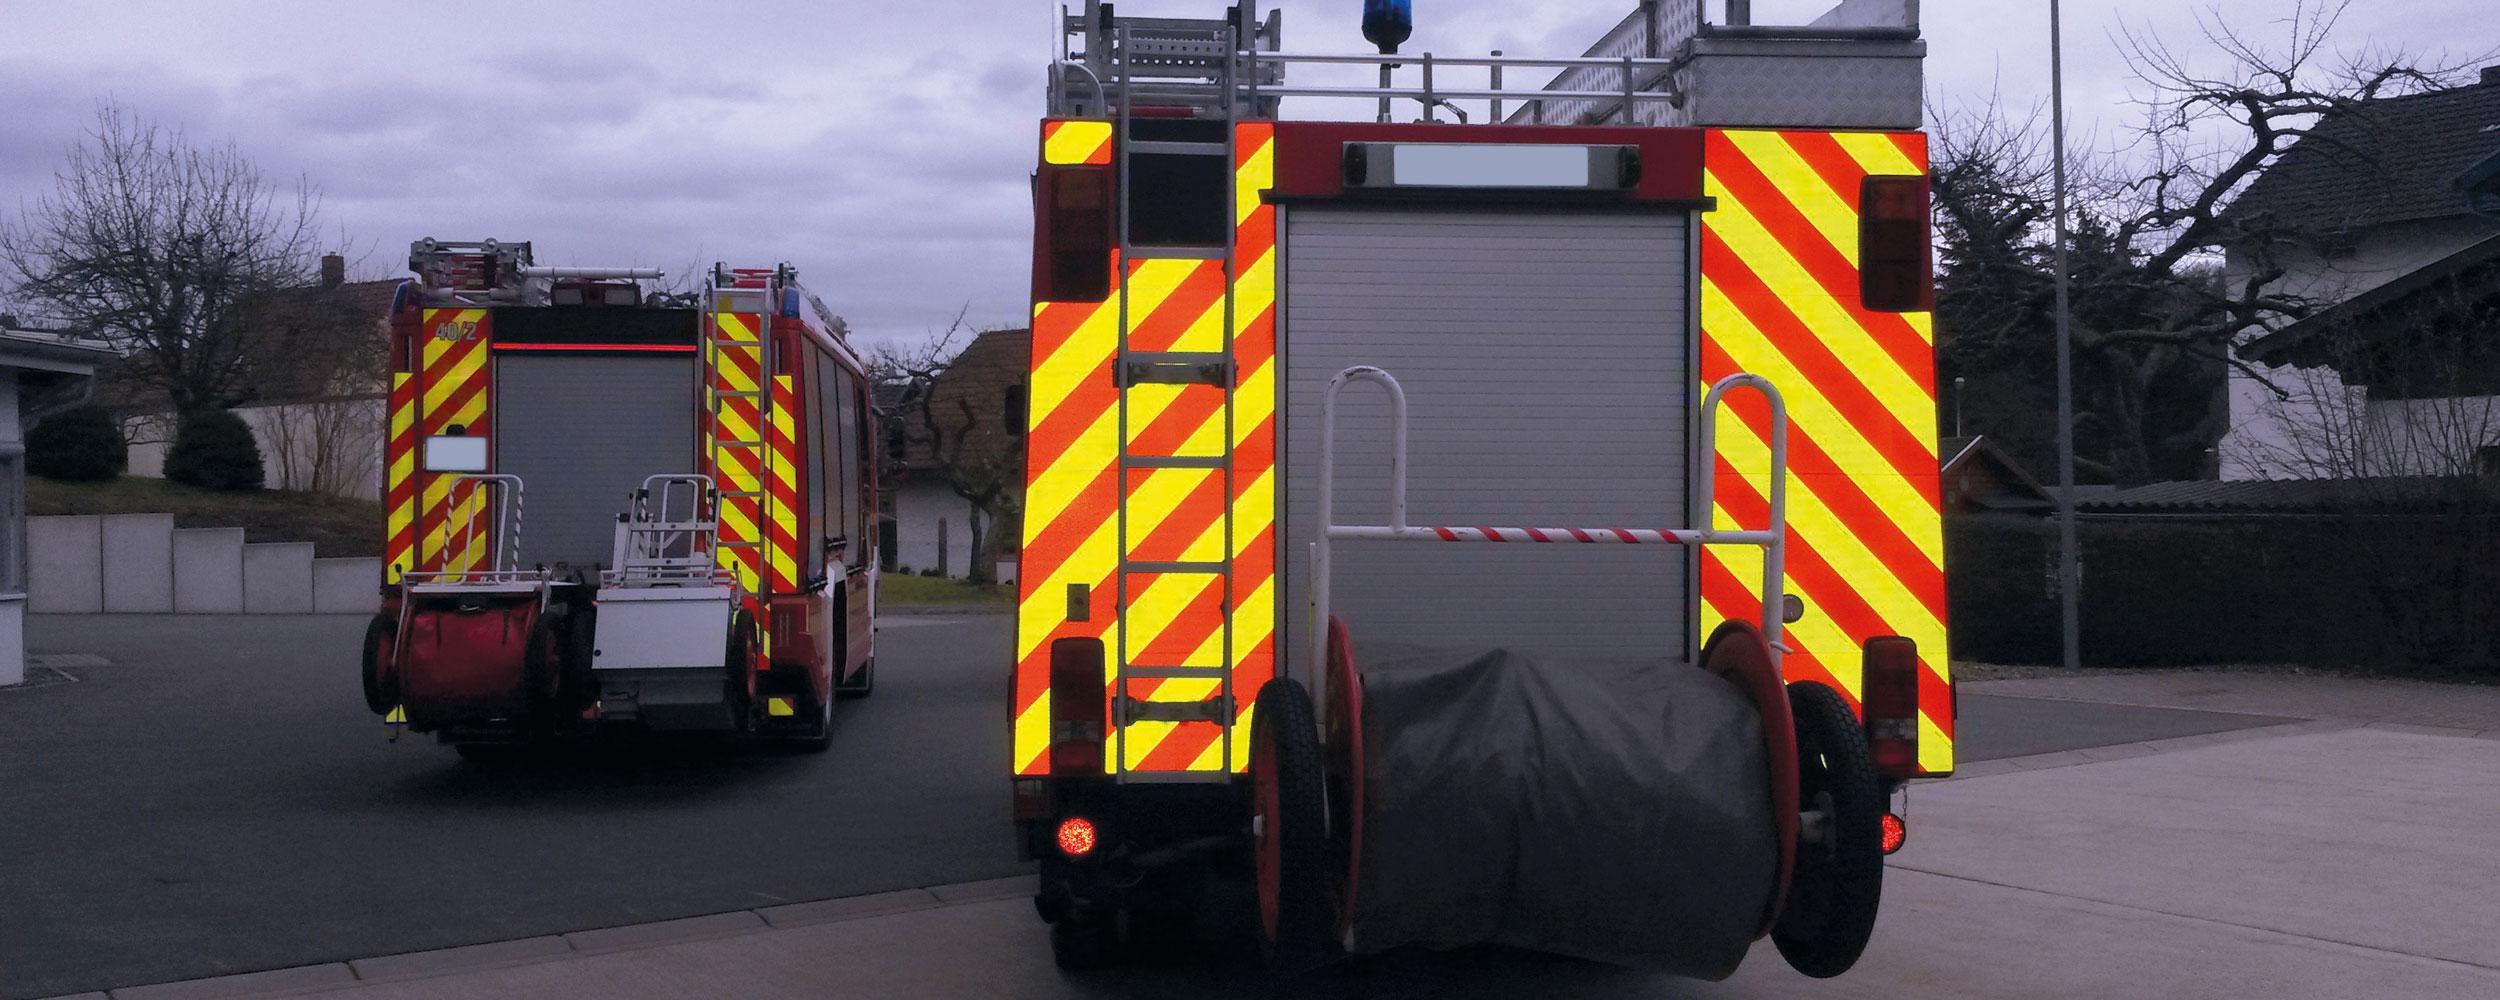 Warnmarkierung für Einsatzfahrzeuge in Coburg